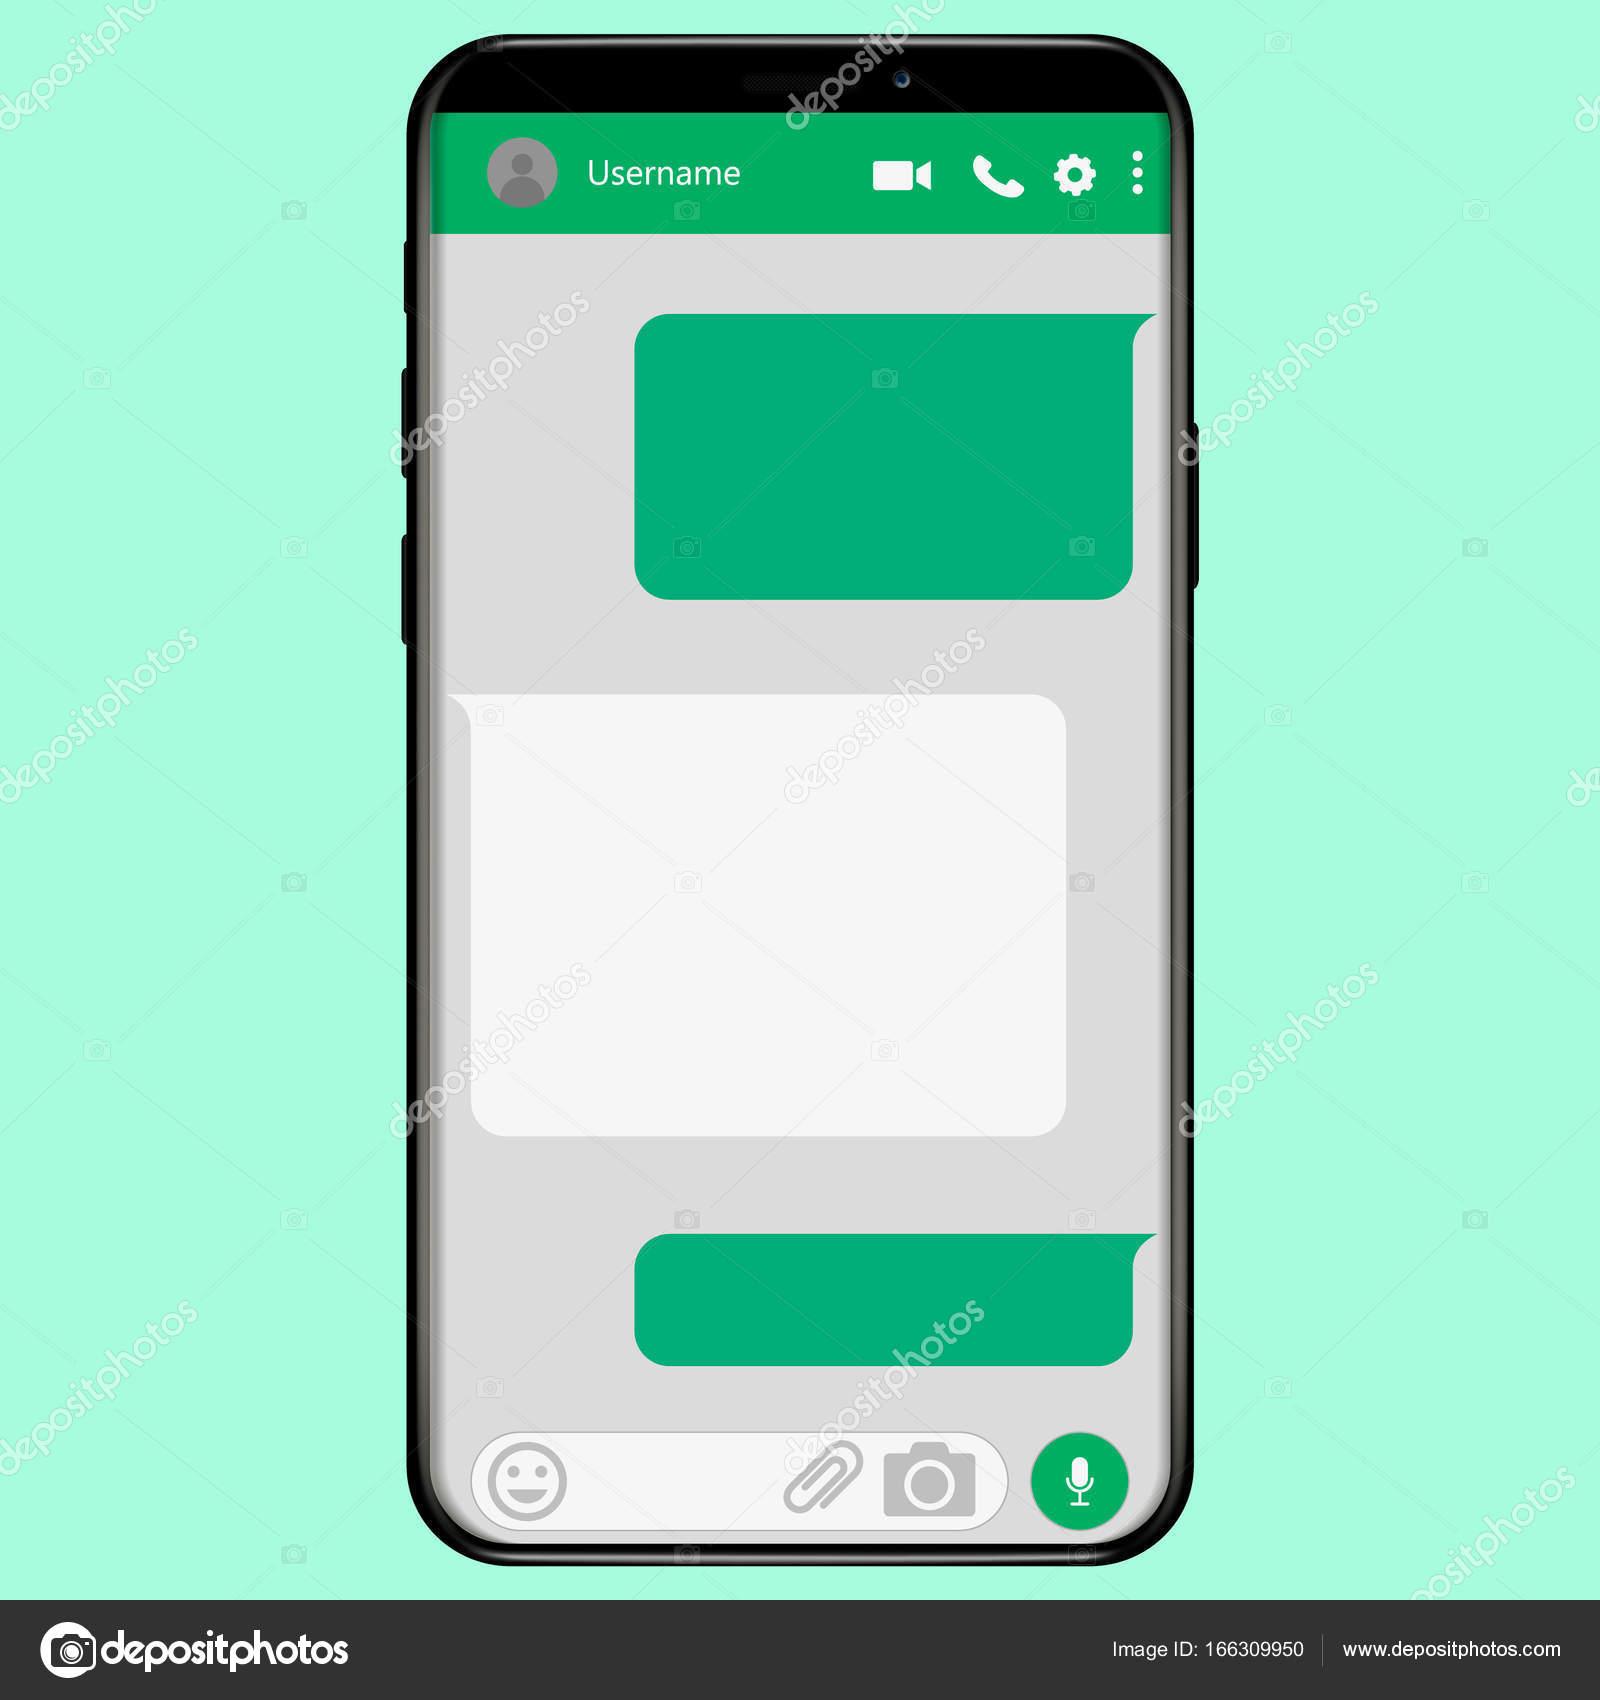 ソーシャル ネットワーク メッセンジャー概念フレーム、ベクトル イラスト \u2014 ベクターKasheev